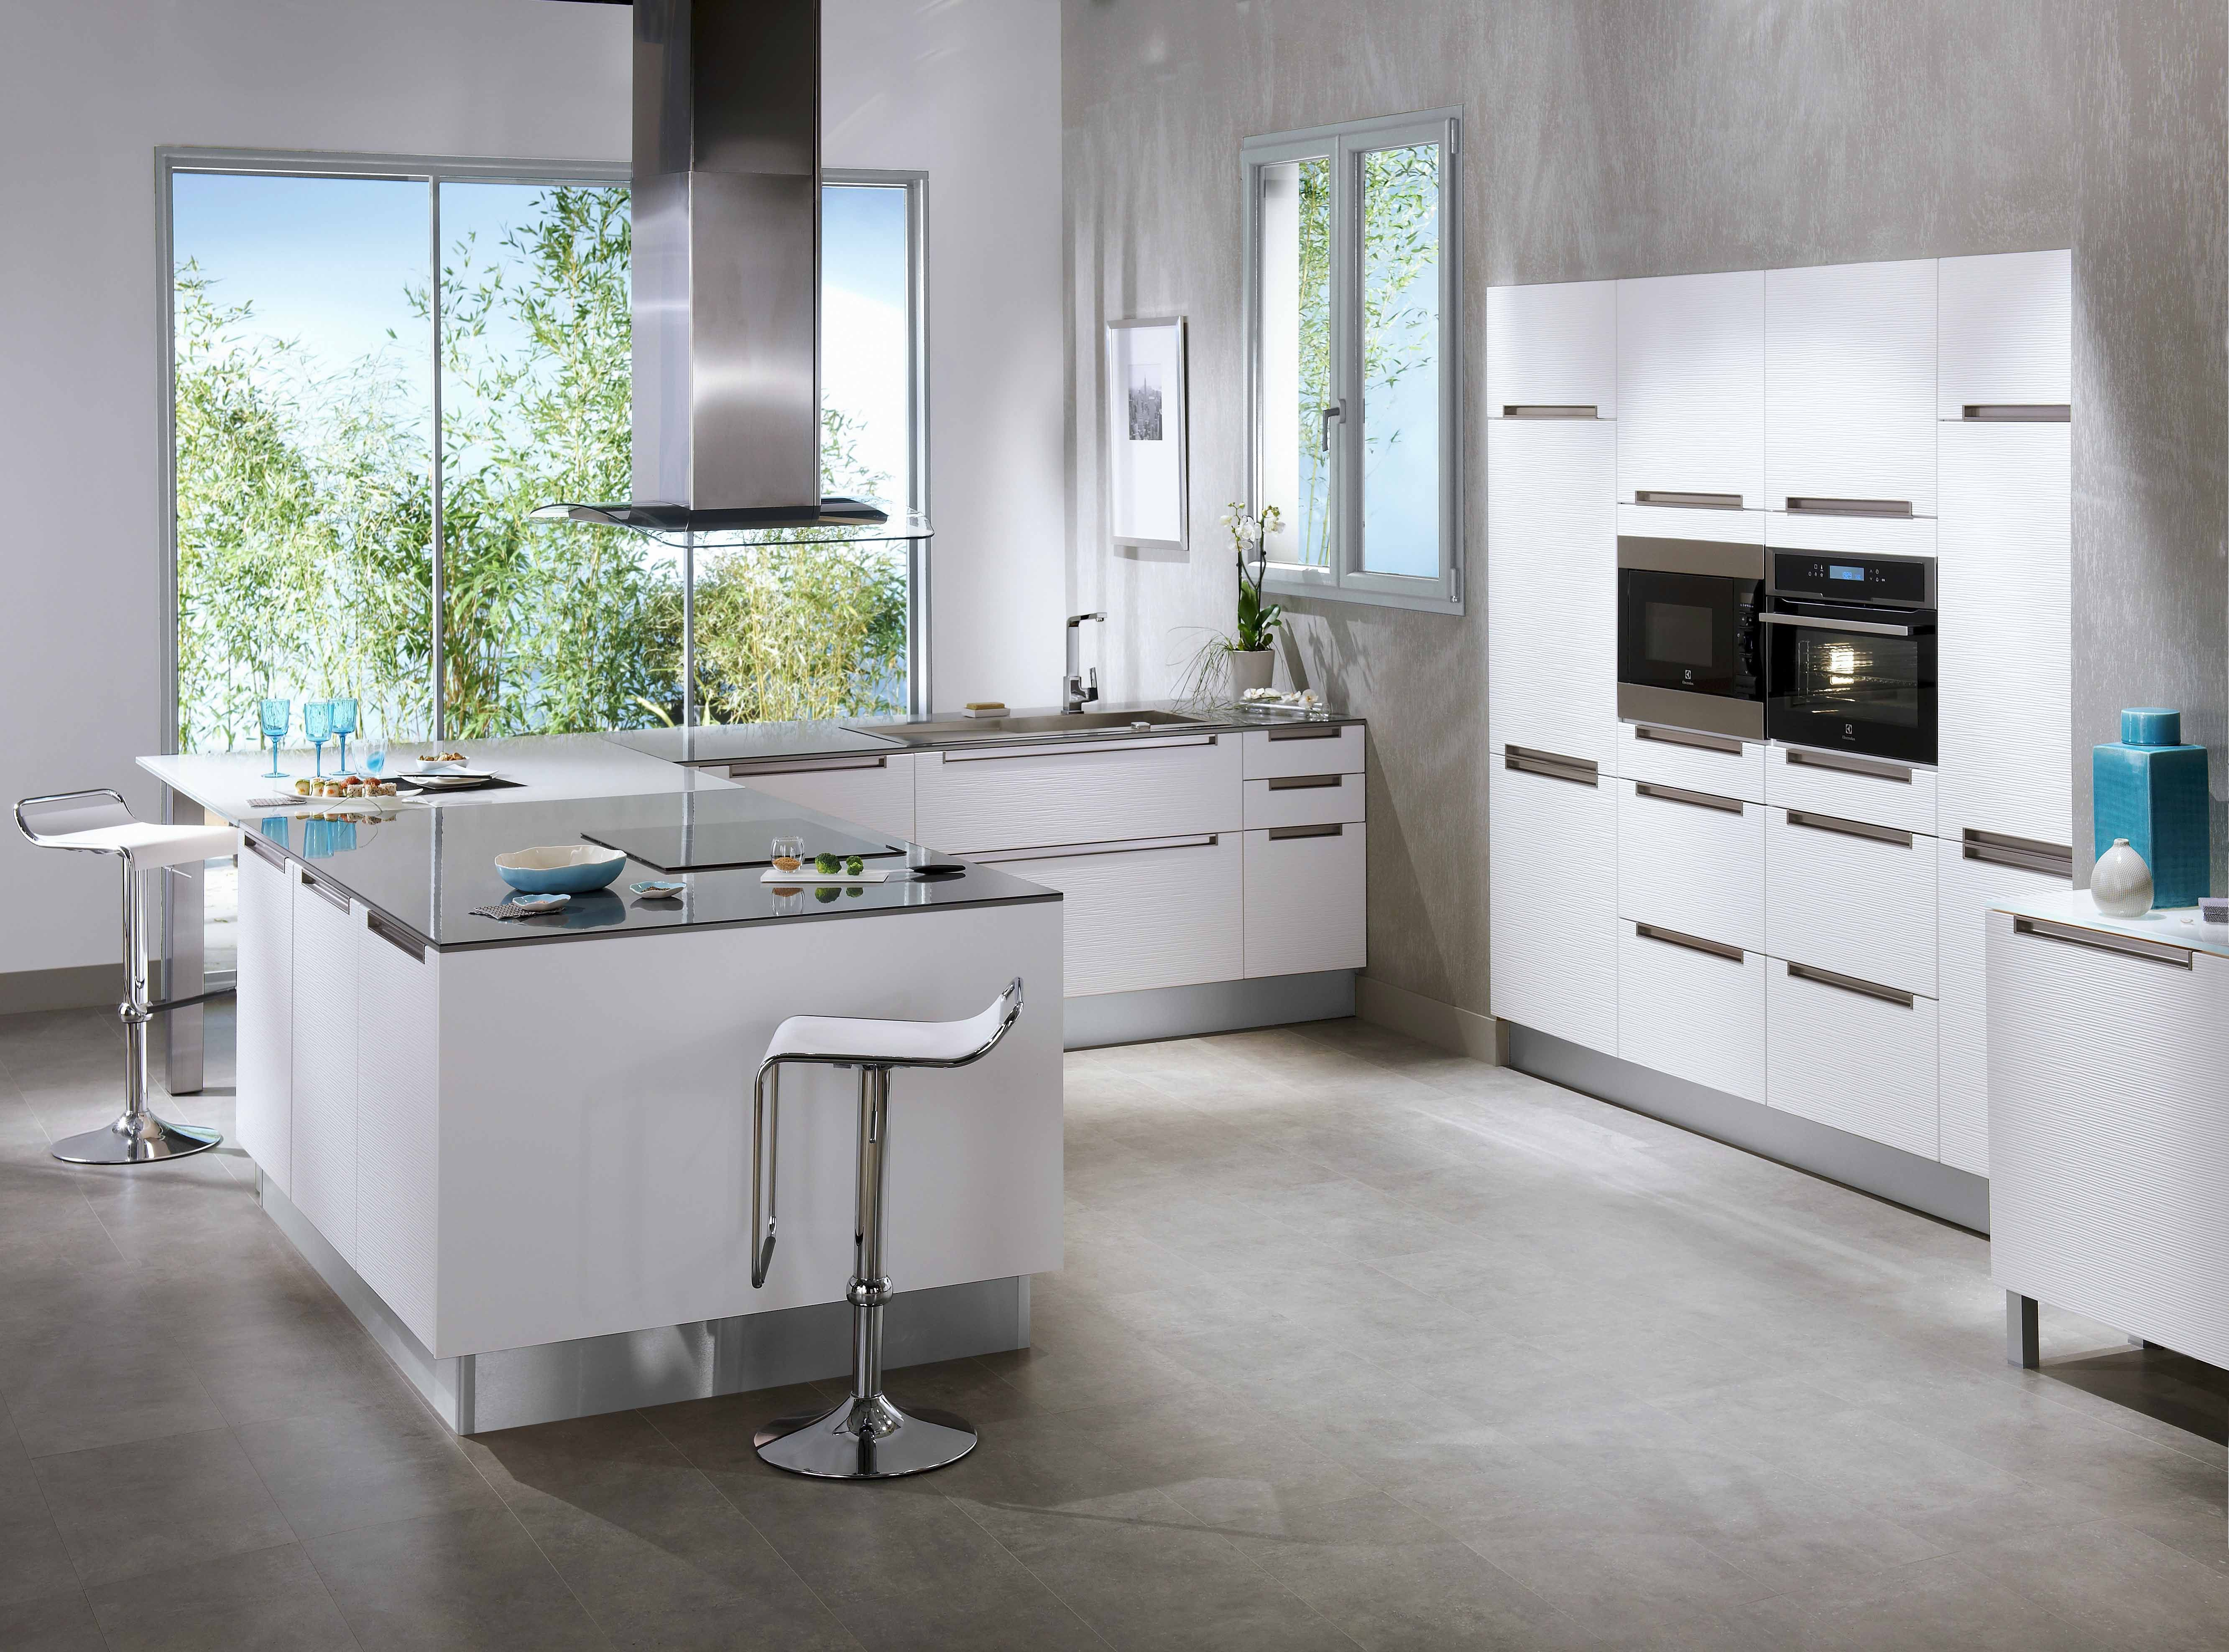 Collection contemporaine stria fabriqu e en france dans les usines lapeyre moderne et in dite - Cuisine grise et blanche ...